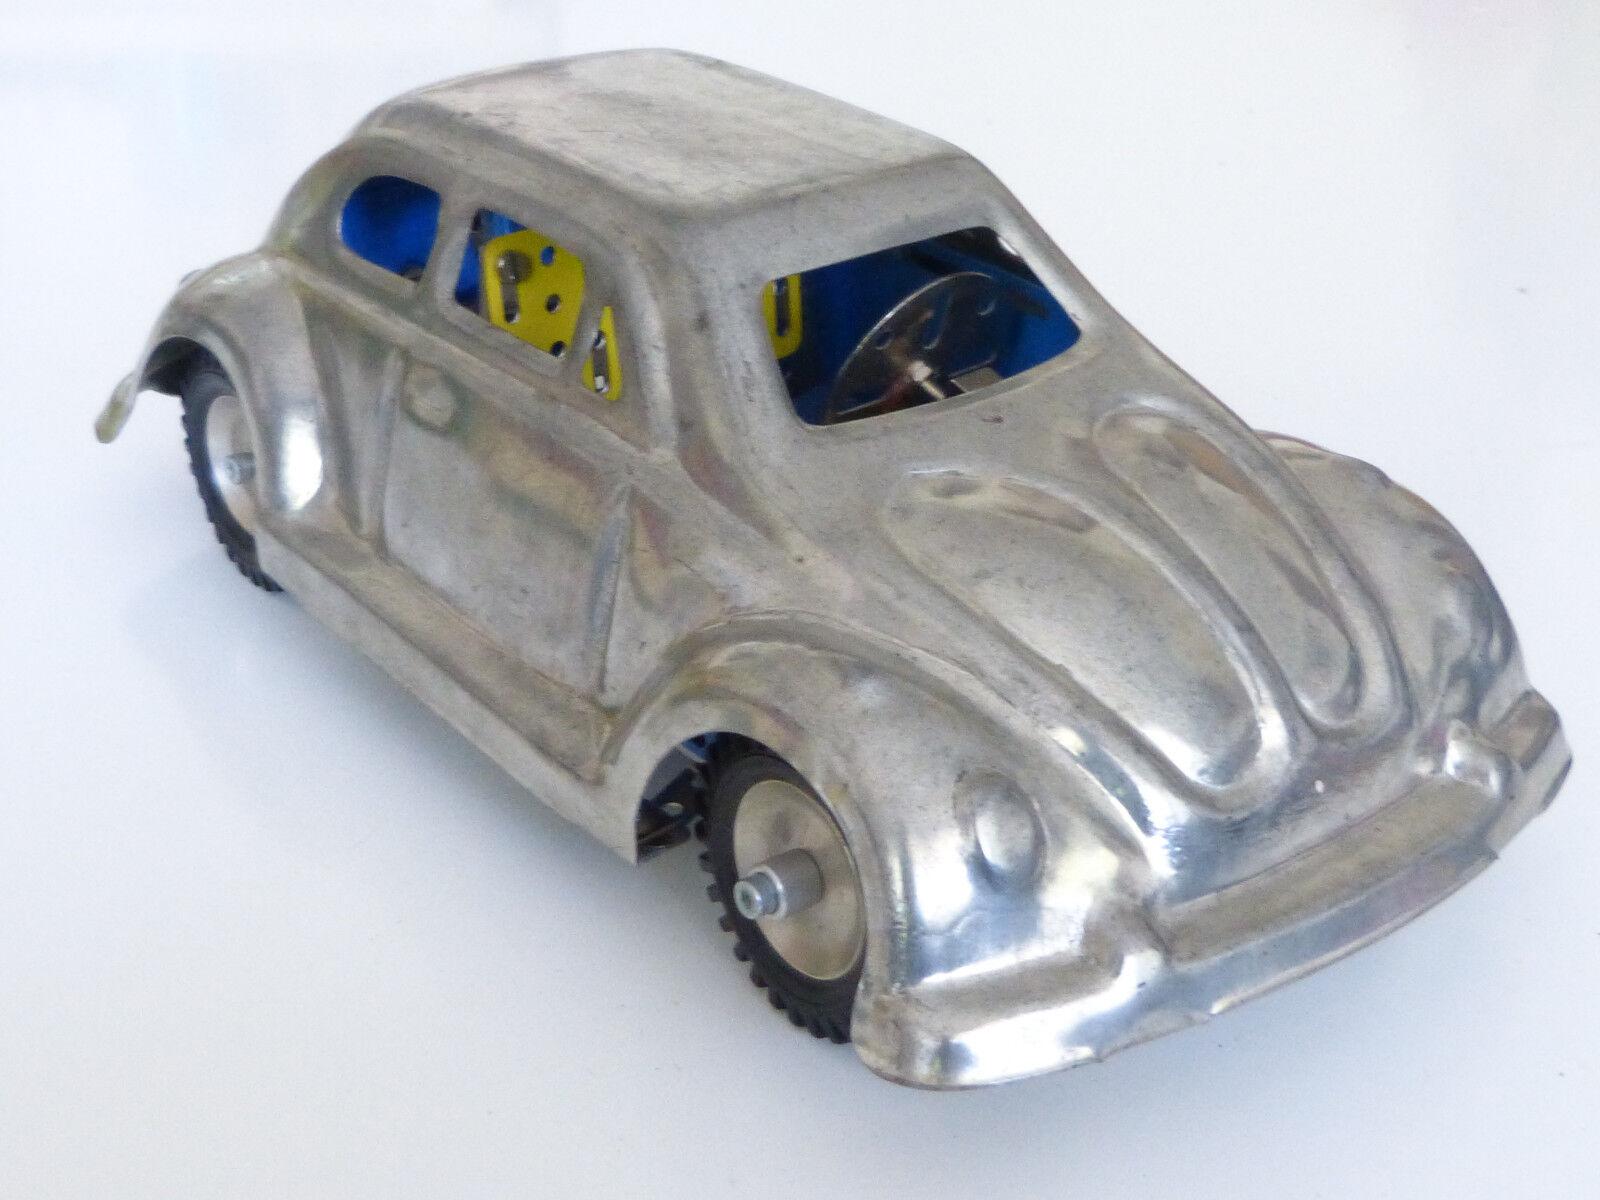 Meccano style volkswagen escarabajo Beetle caja de herramientas Modelo 80er 90er años Model